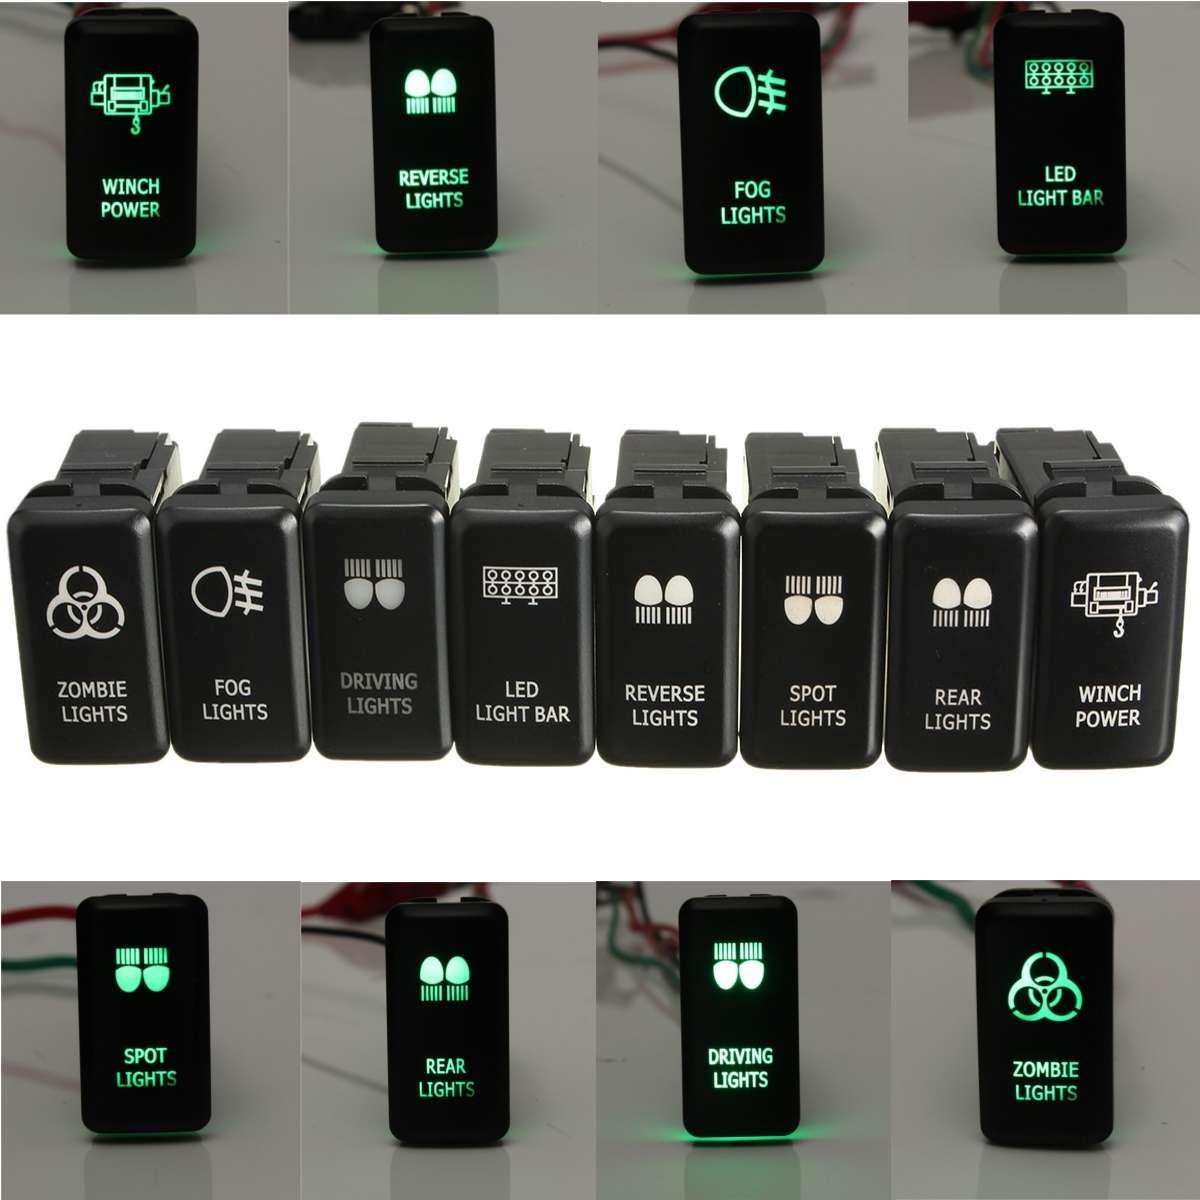 12V Grüne LED OEM Ersatz Push-Schalter Für Toyota Landcruiser Hilux Prado 120 SERIE 2003-2009 Led Licht bar Fahren Licht